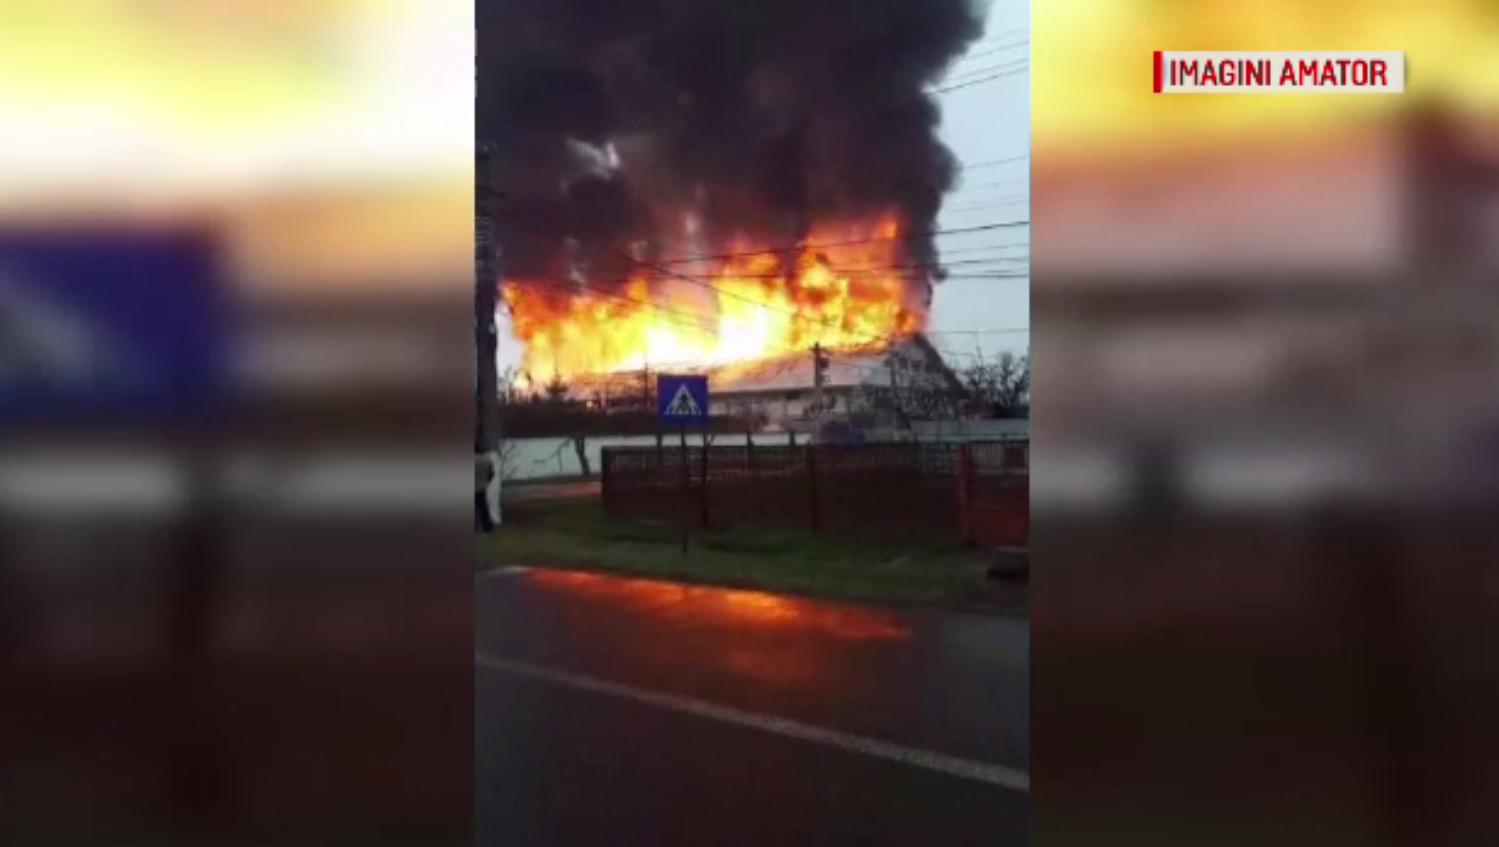 """Incendiu puternic la o fabrică din Reghin. """"Aşa flacără mare n-am văzut în viaţa mea"""